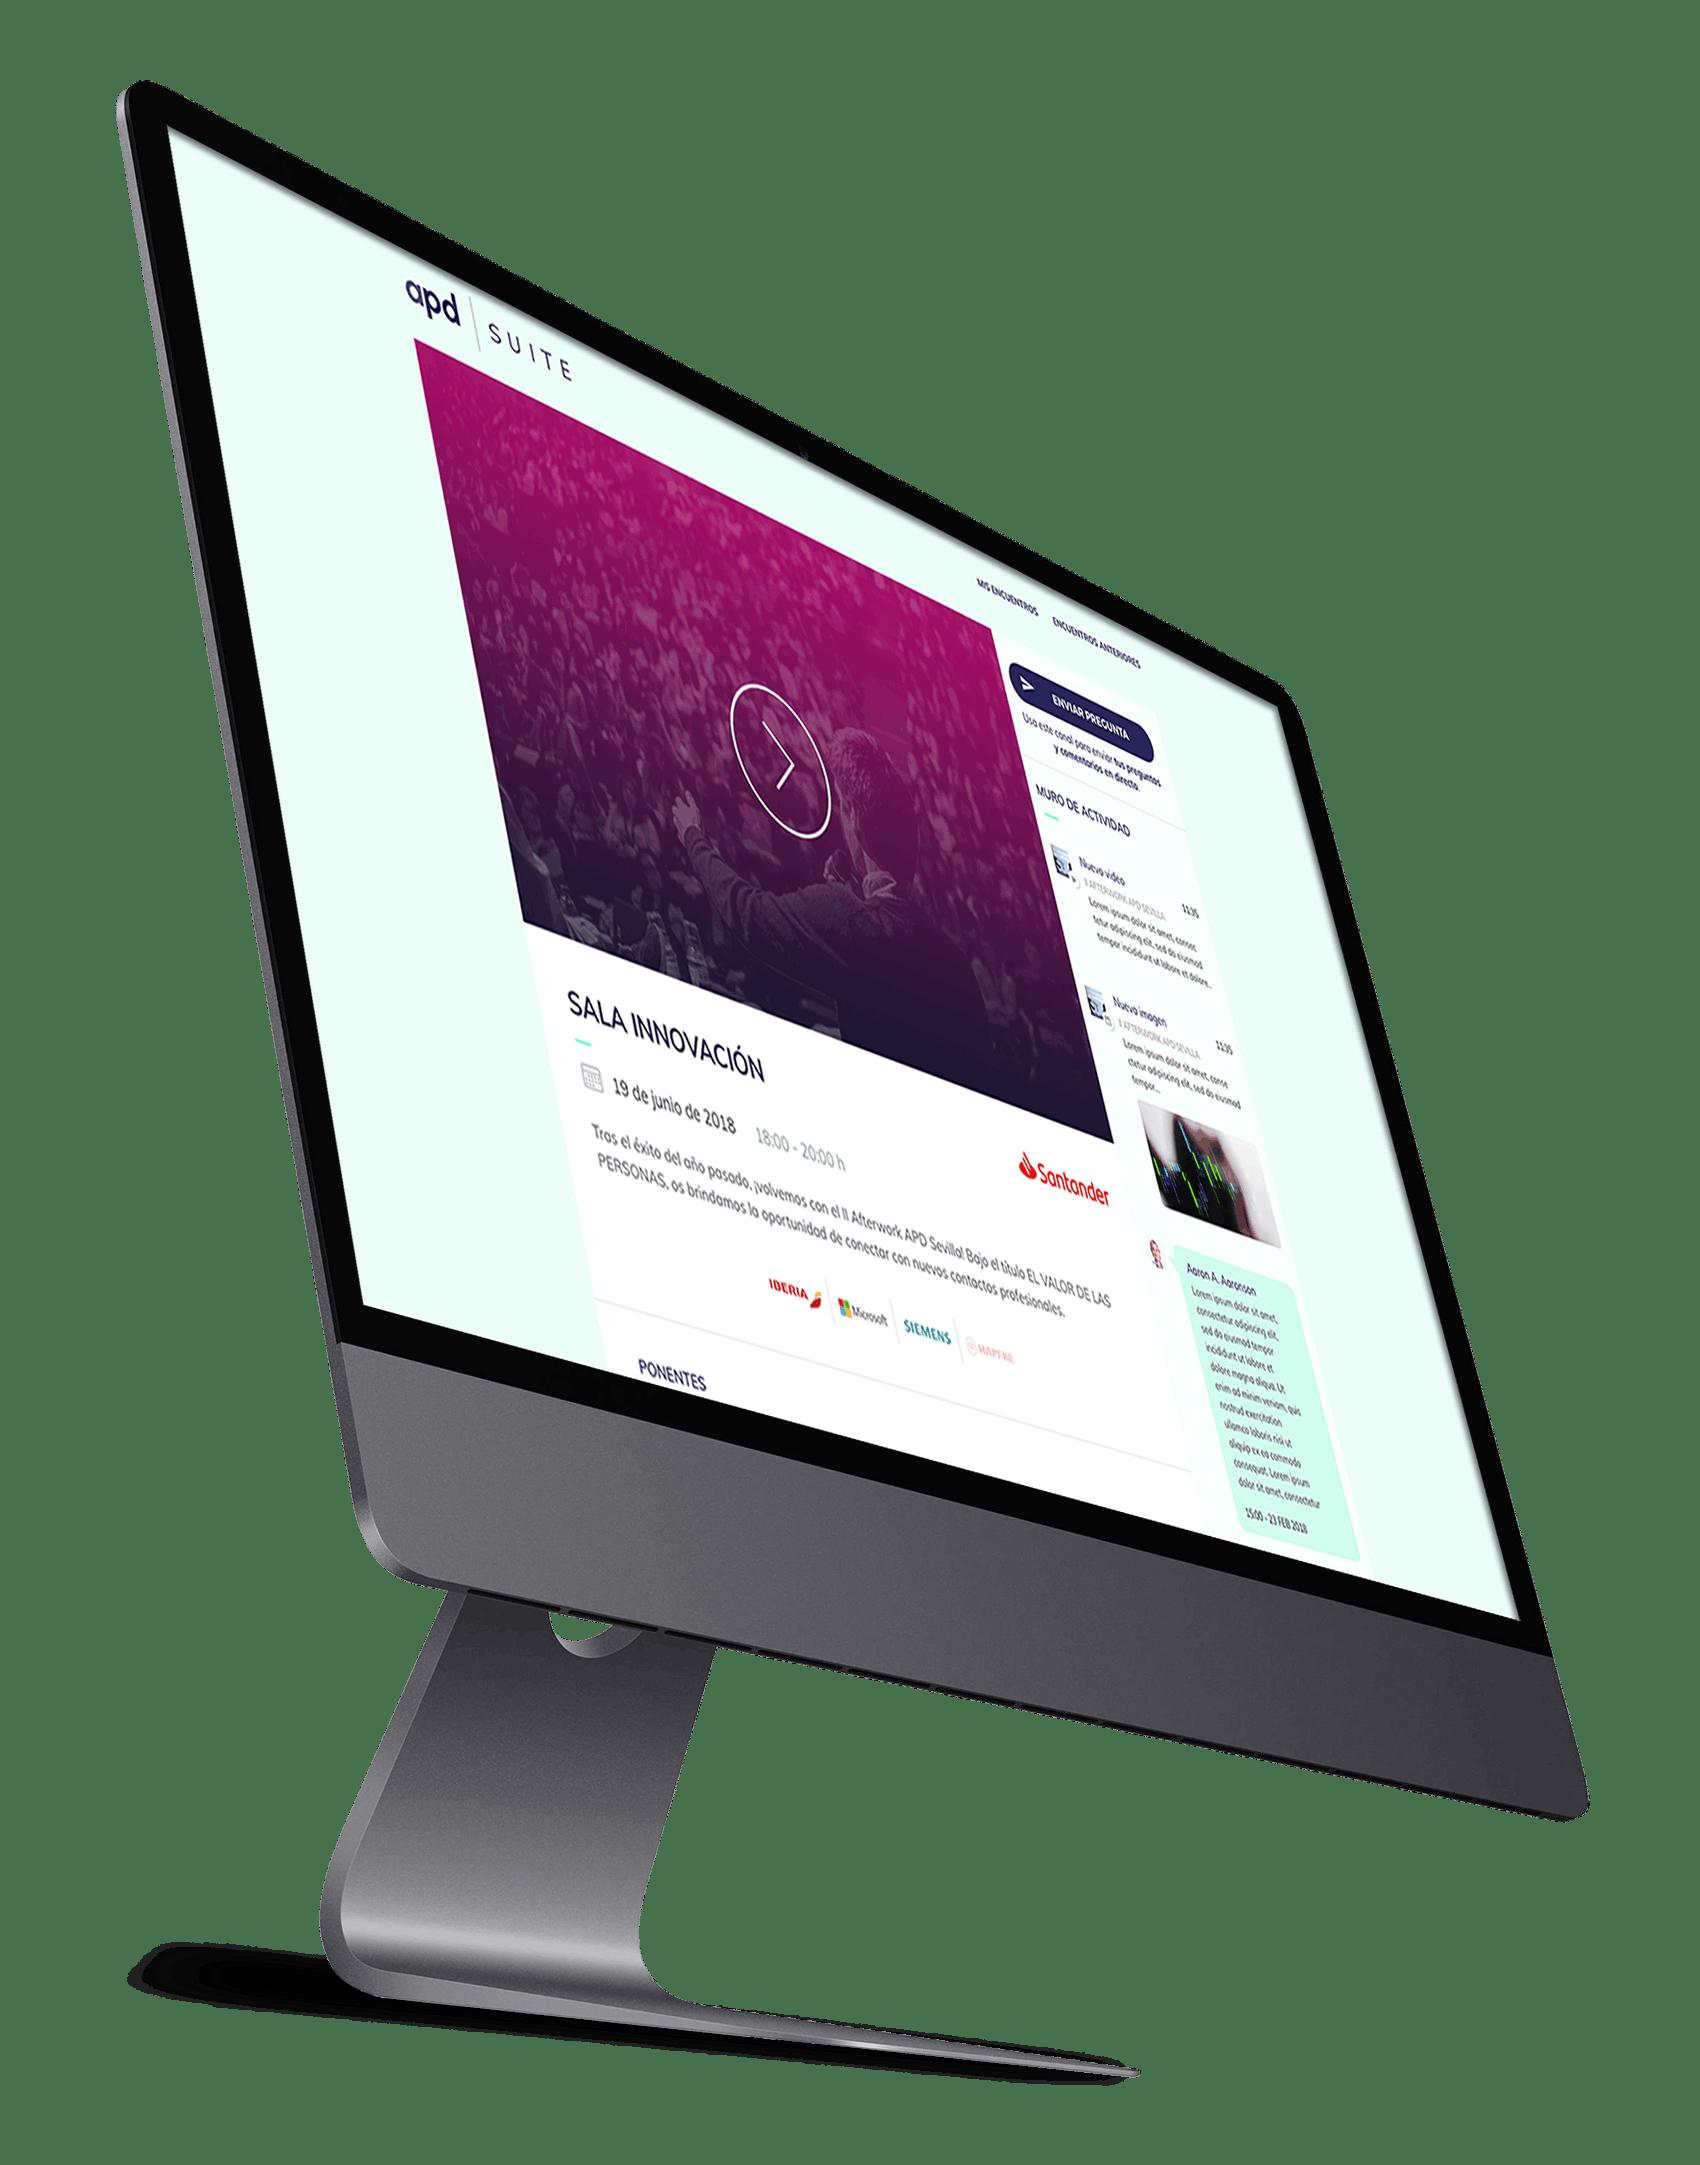 apd_desktop_pantalla